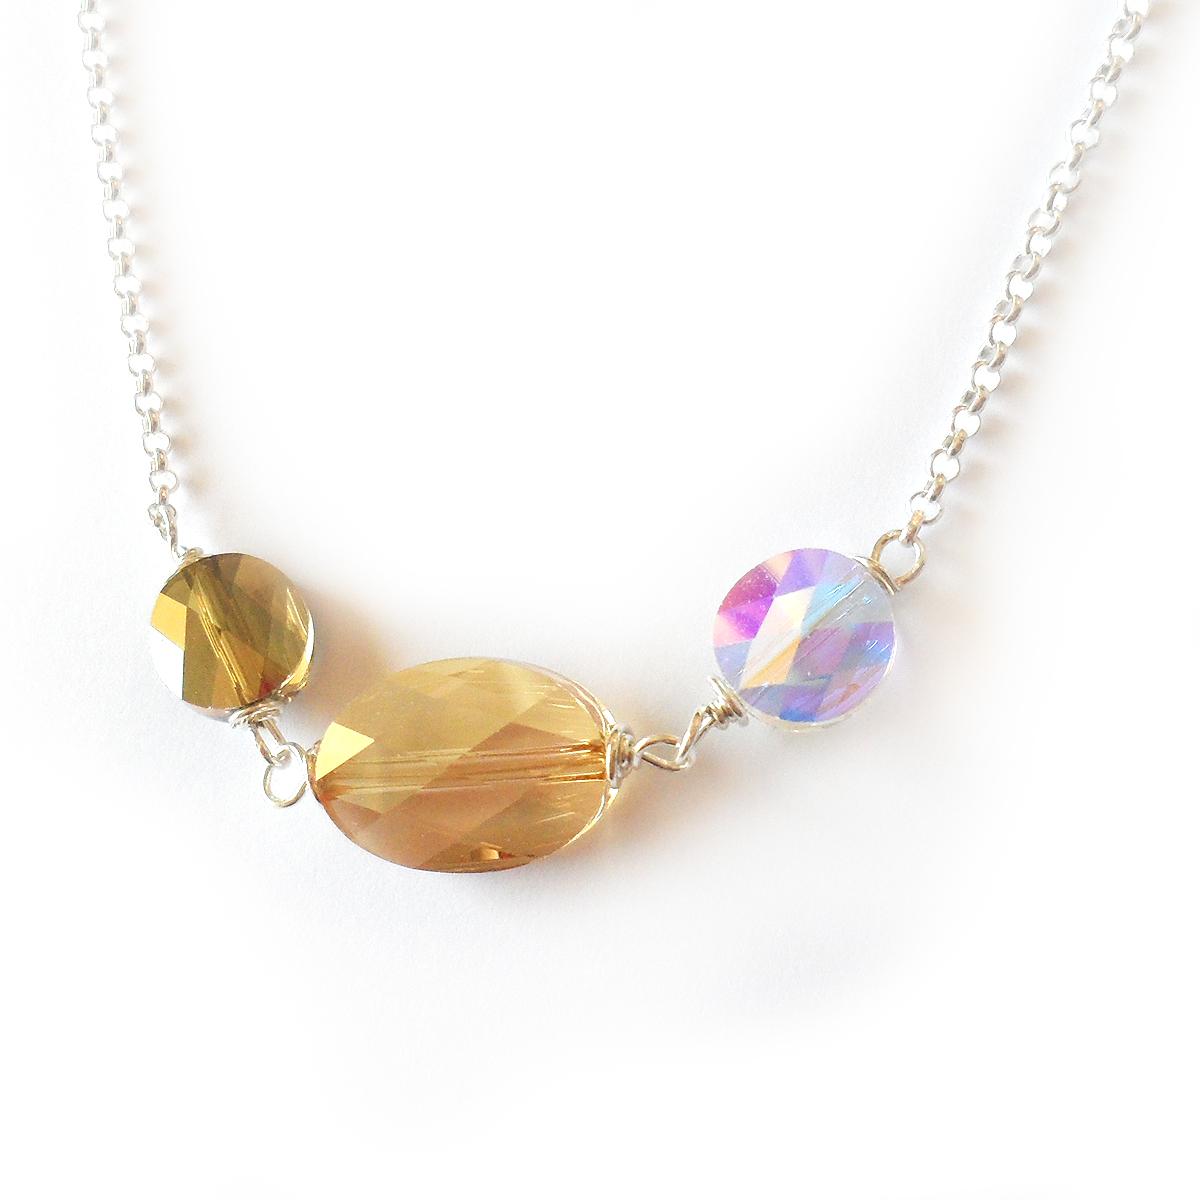 collar-olimpia-en-ovalos-de-cristal-de-swarovski-dorados-5